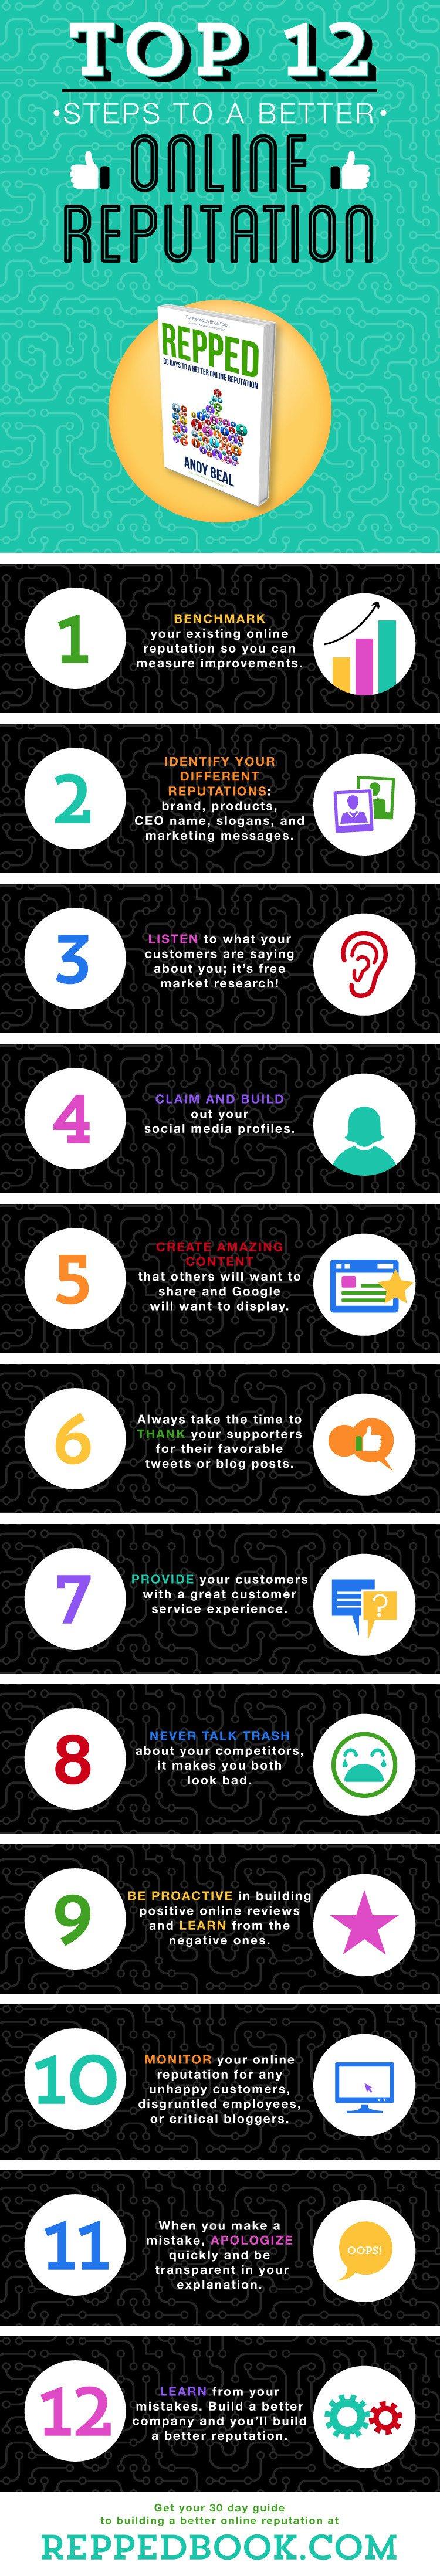 top 12 Steps